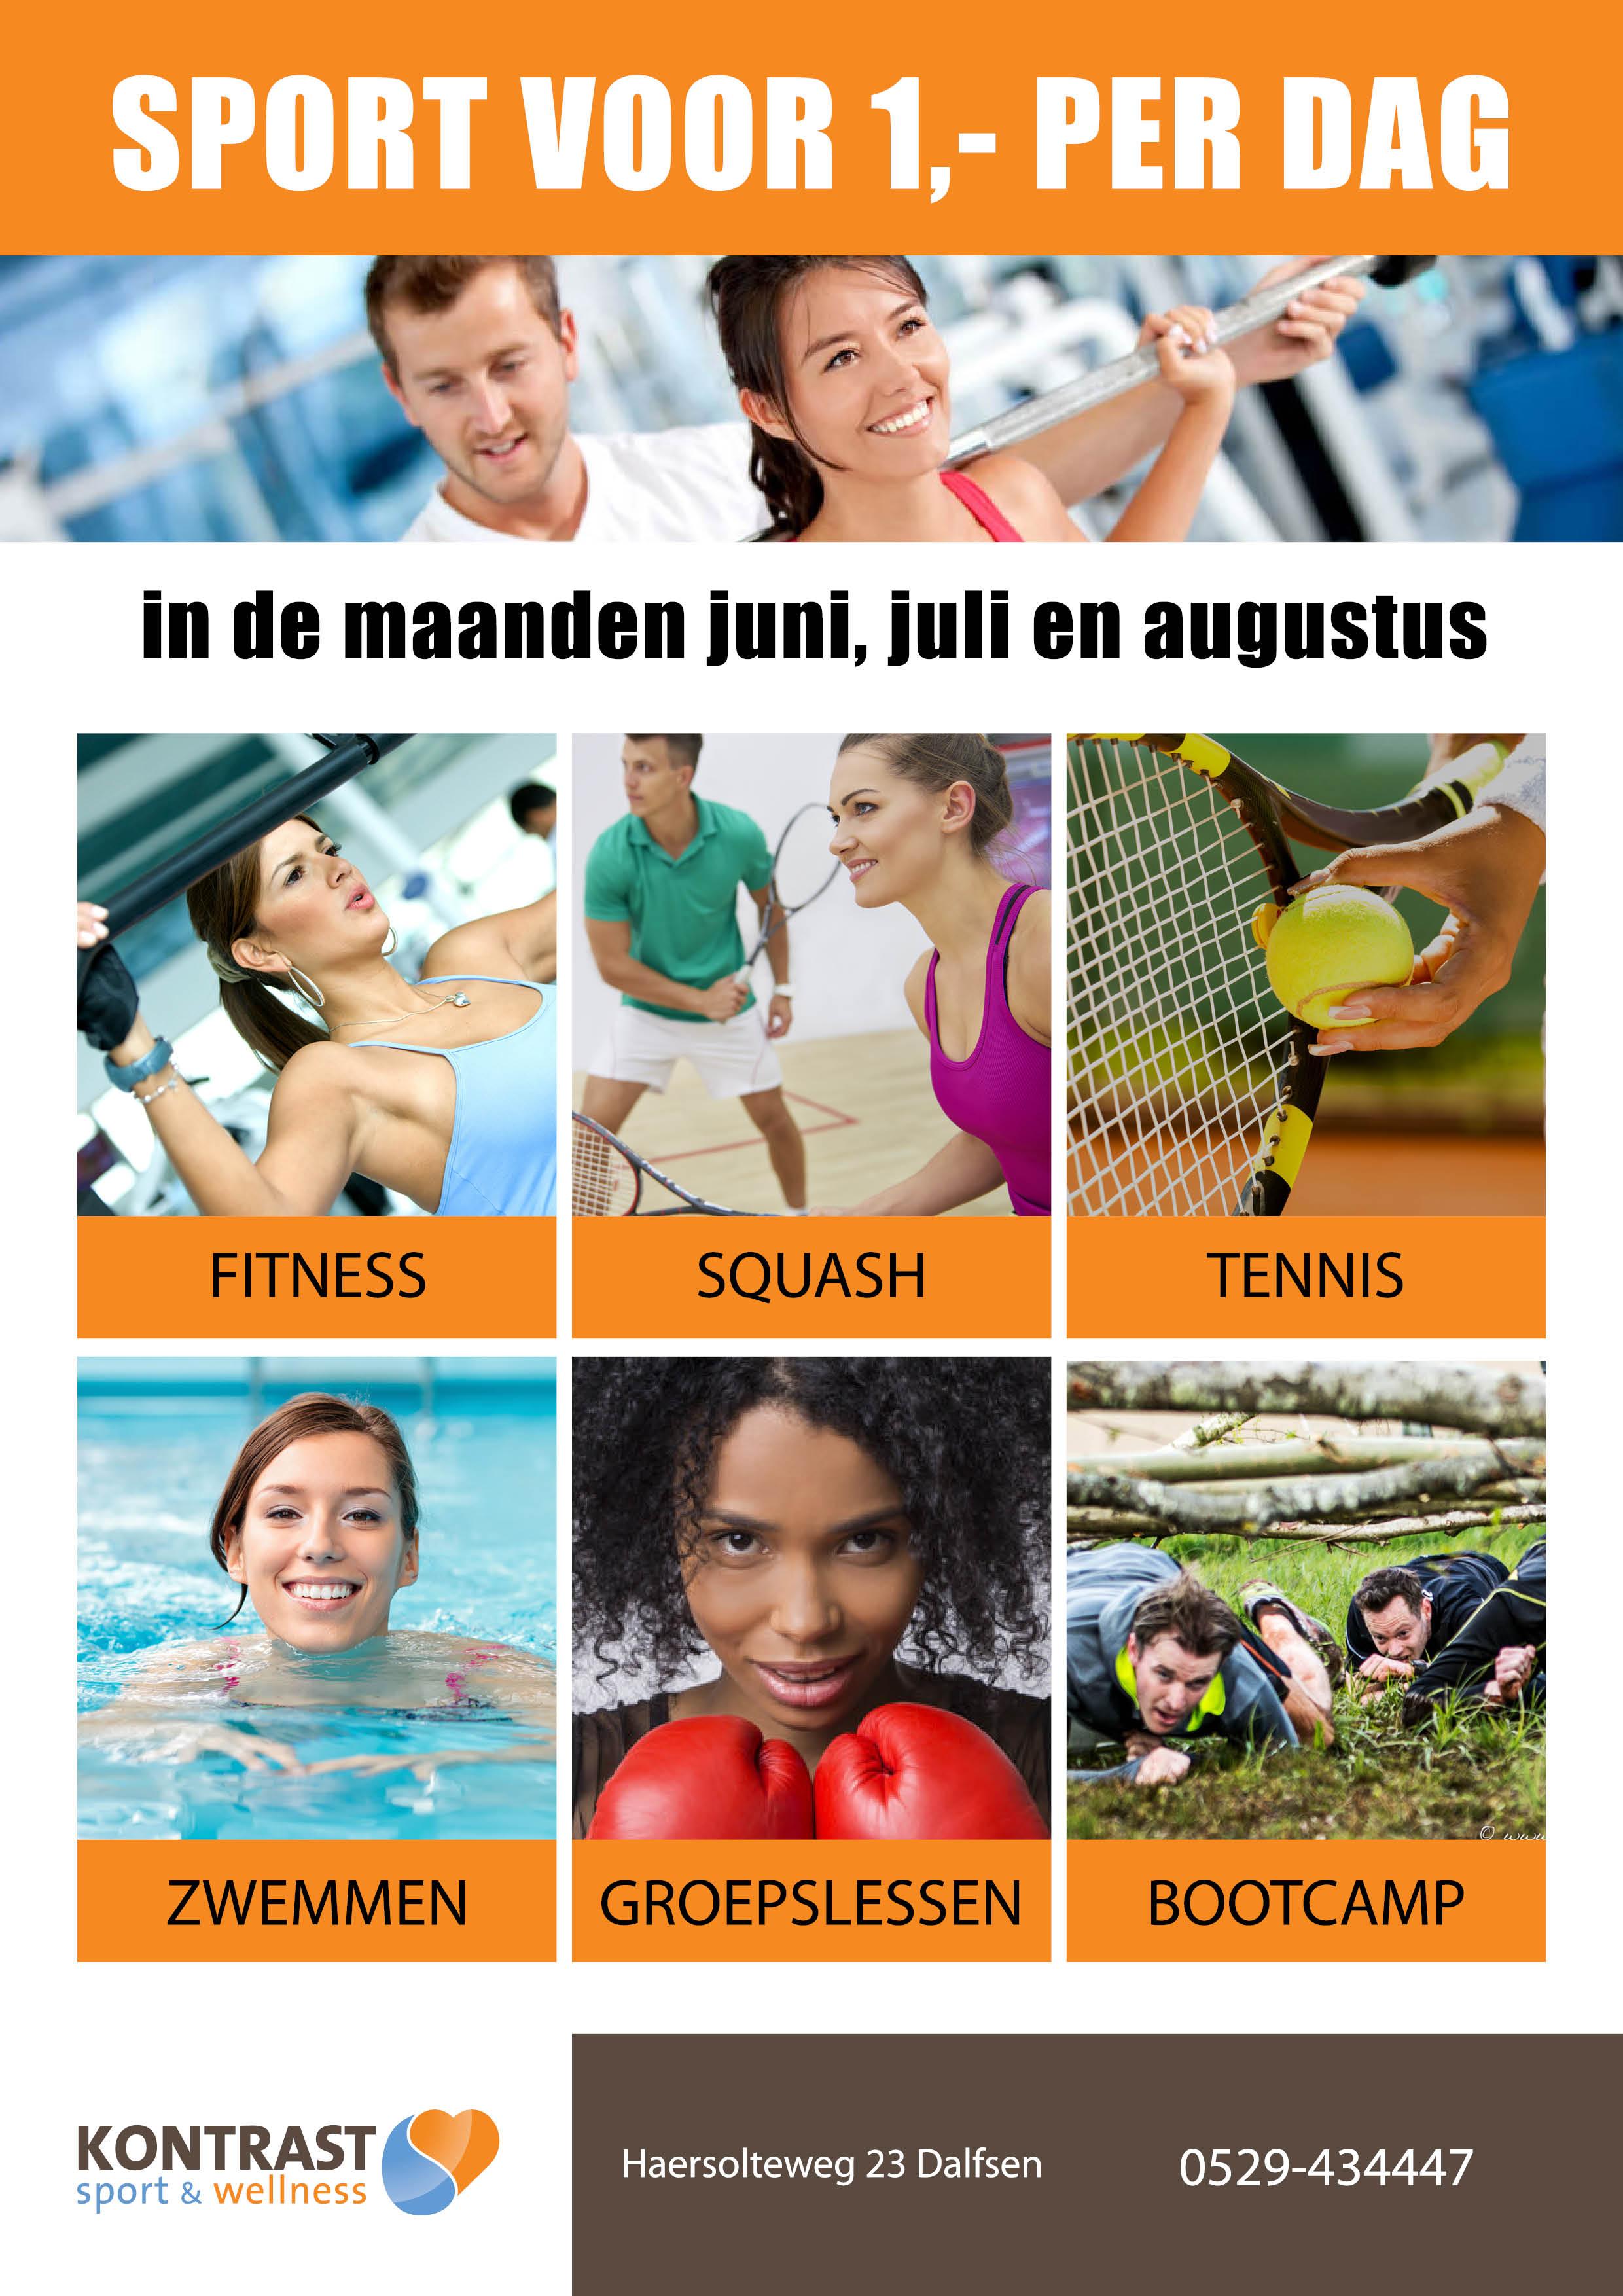 180522 sporten voor 1 euro per dag